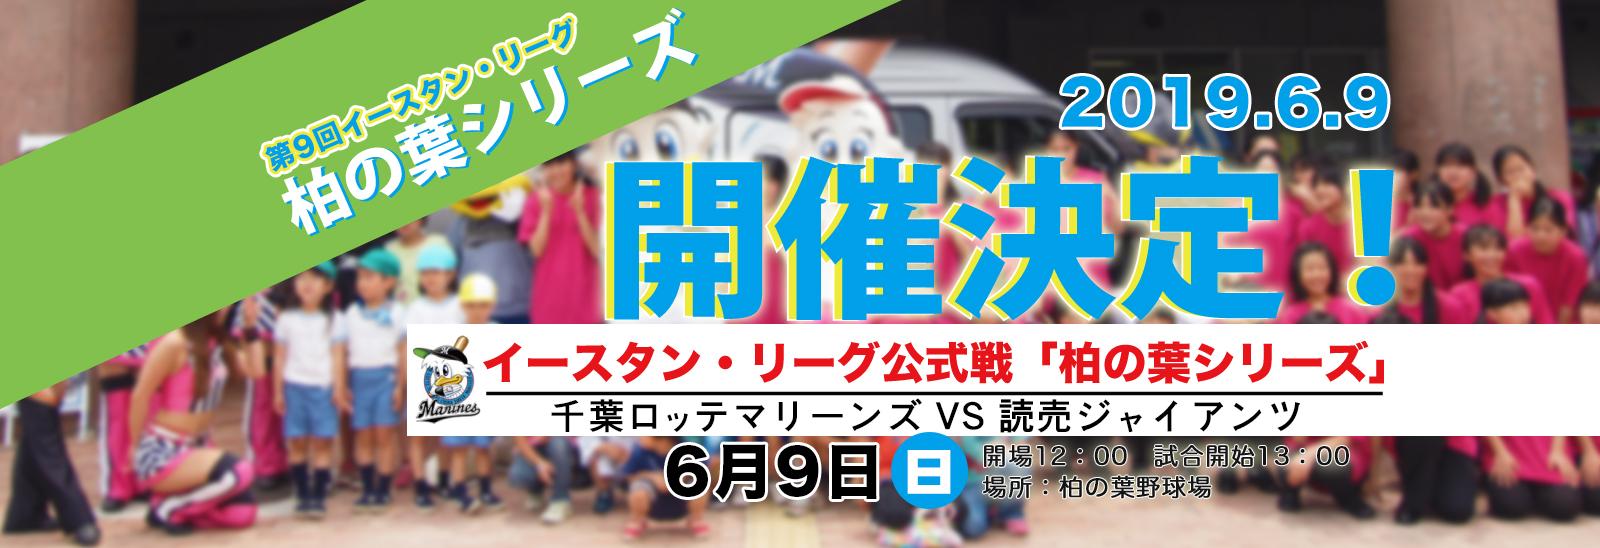 柏の葉シリーズ2019年6月9日開催!